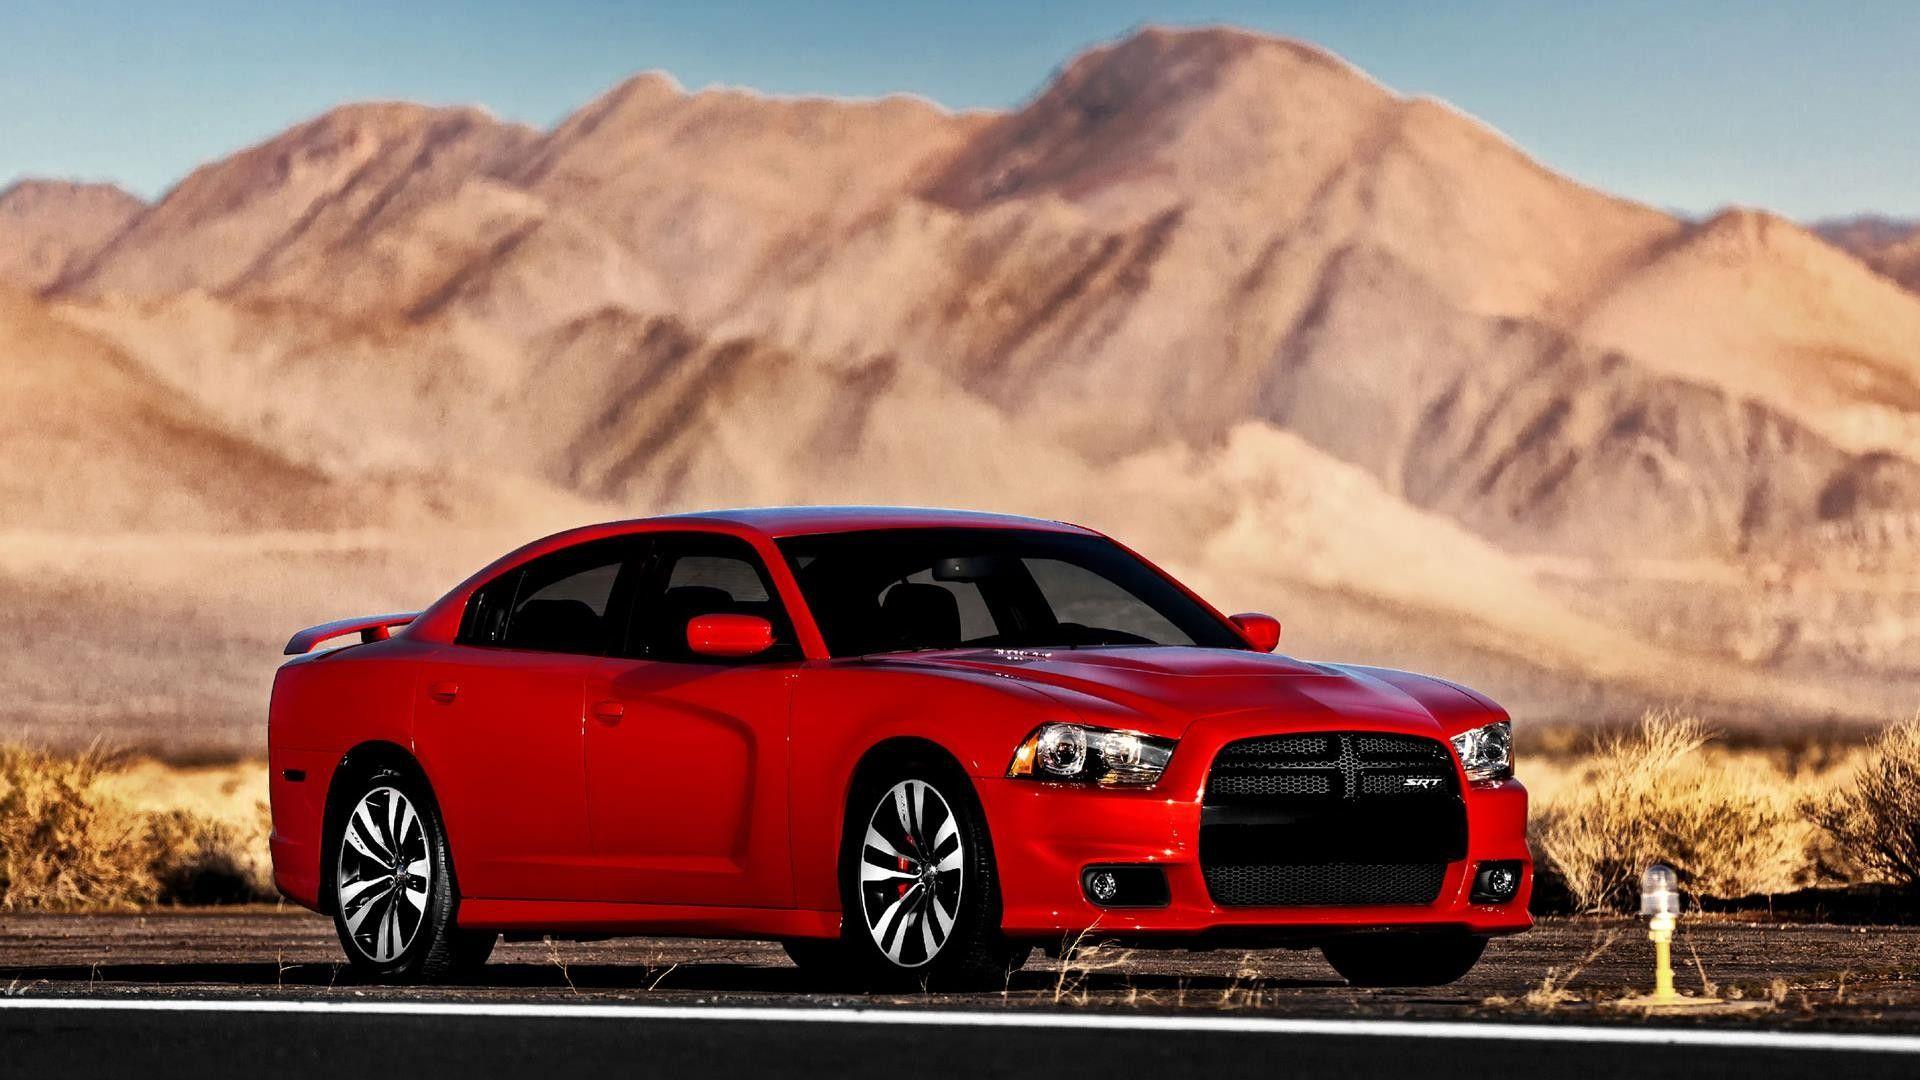 Dodge charger srt8 red